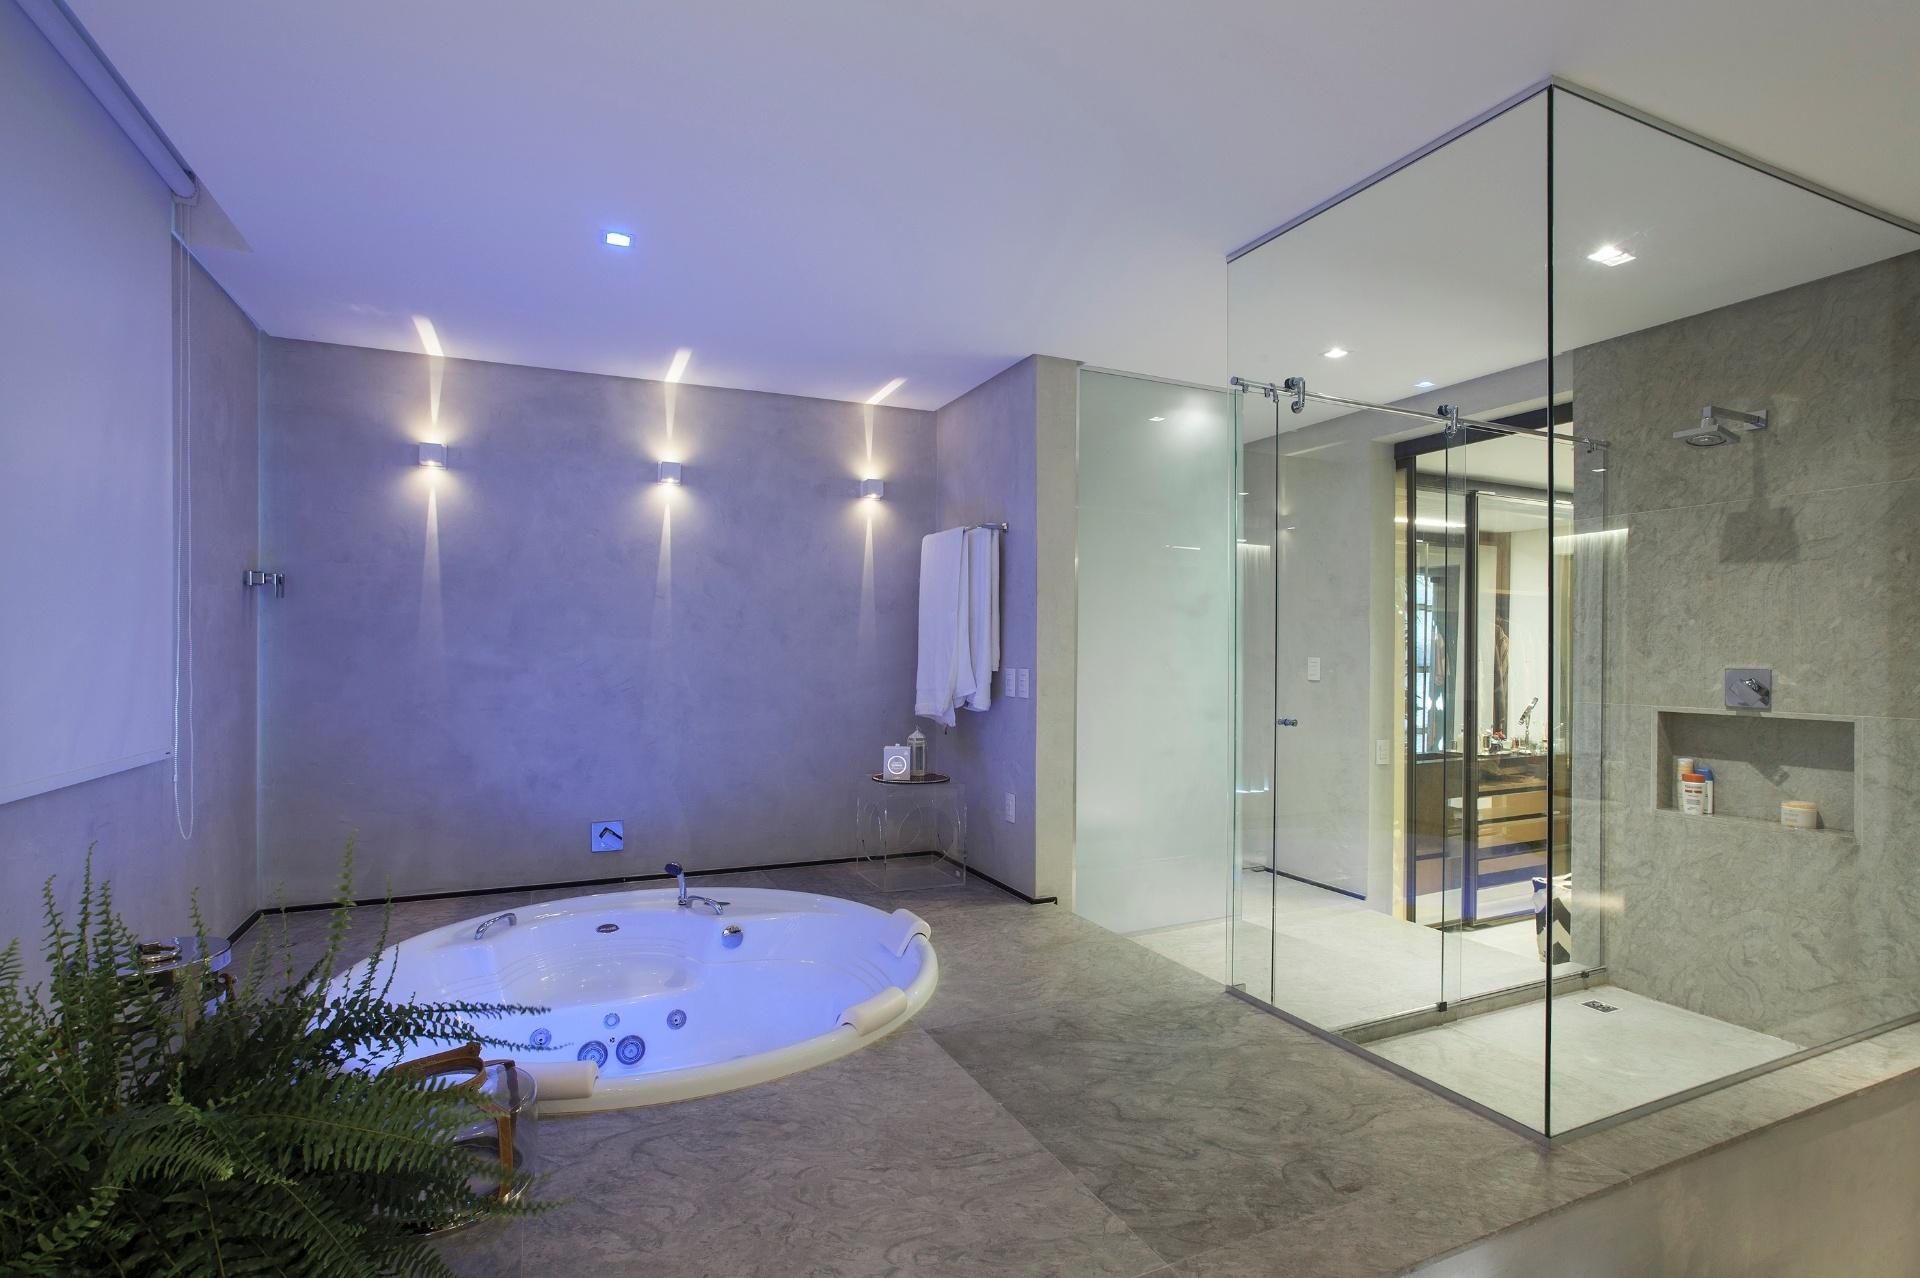 Banheiros: sugestões para decoração tendo muito ou pouco espaço  #41588A 1920 1278